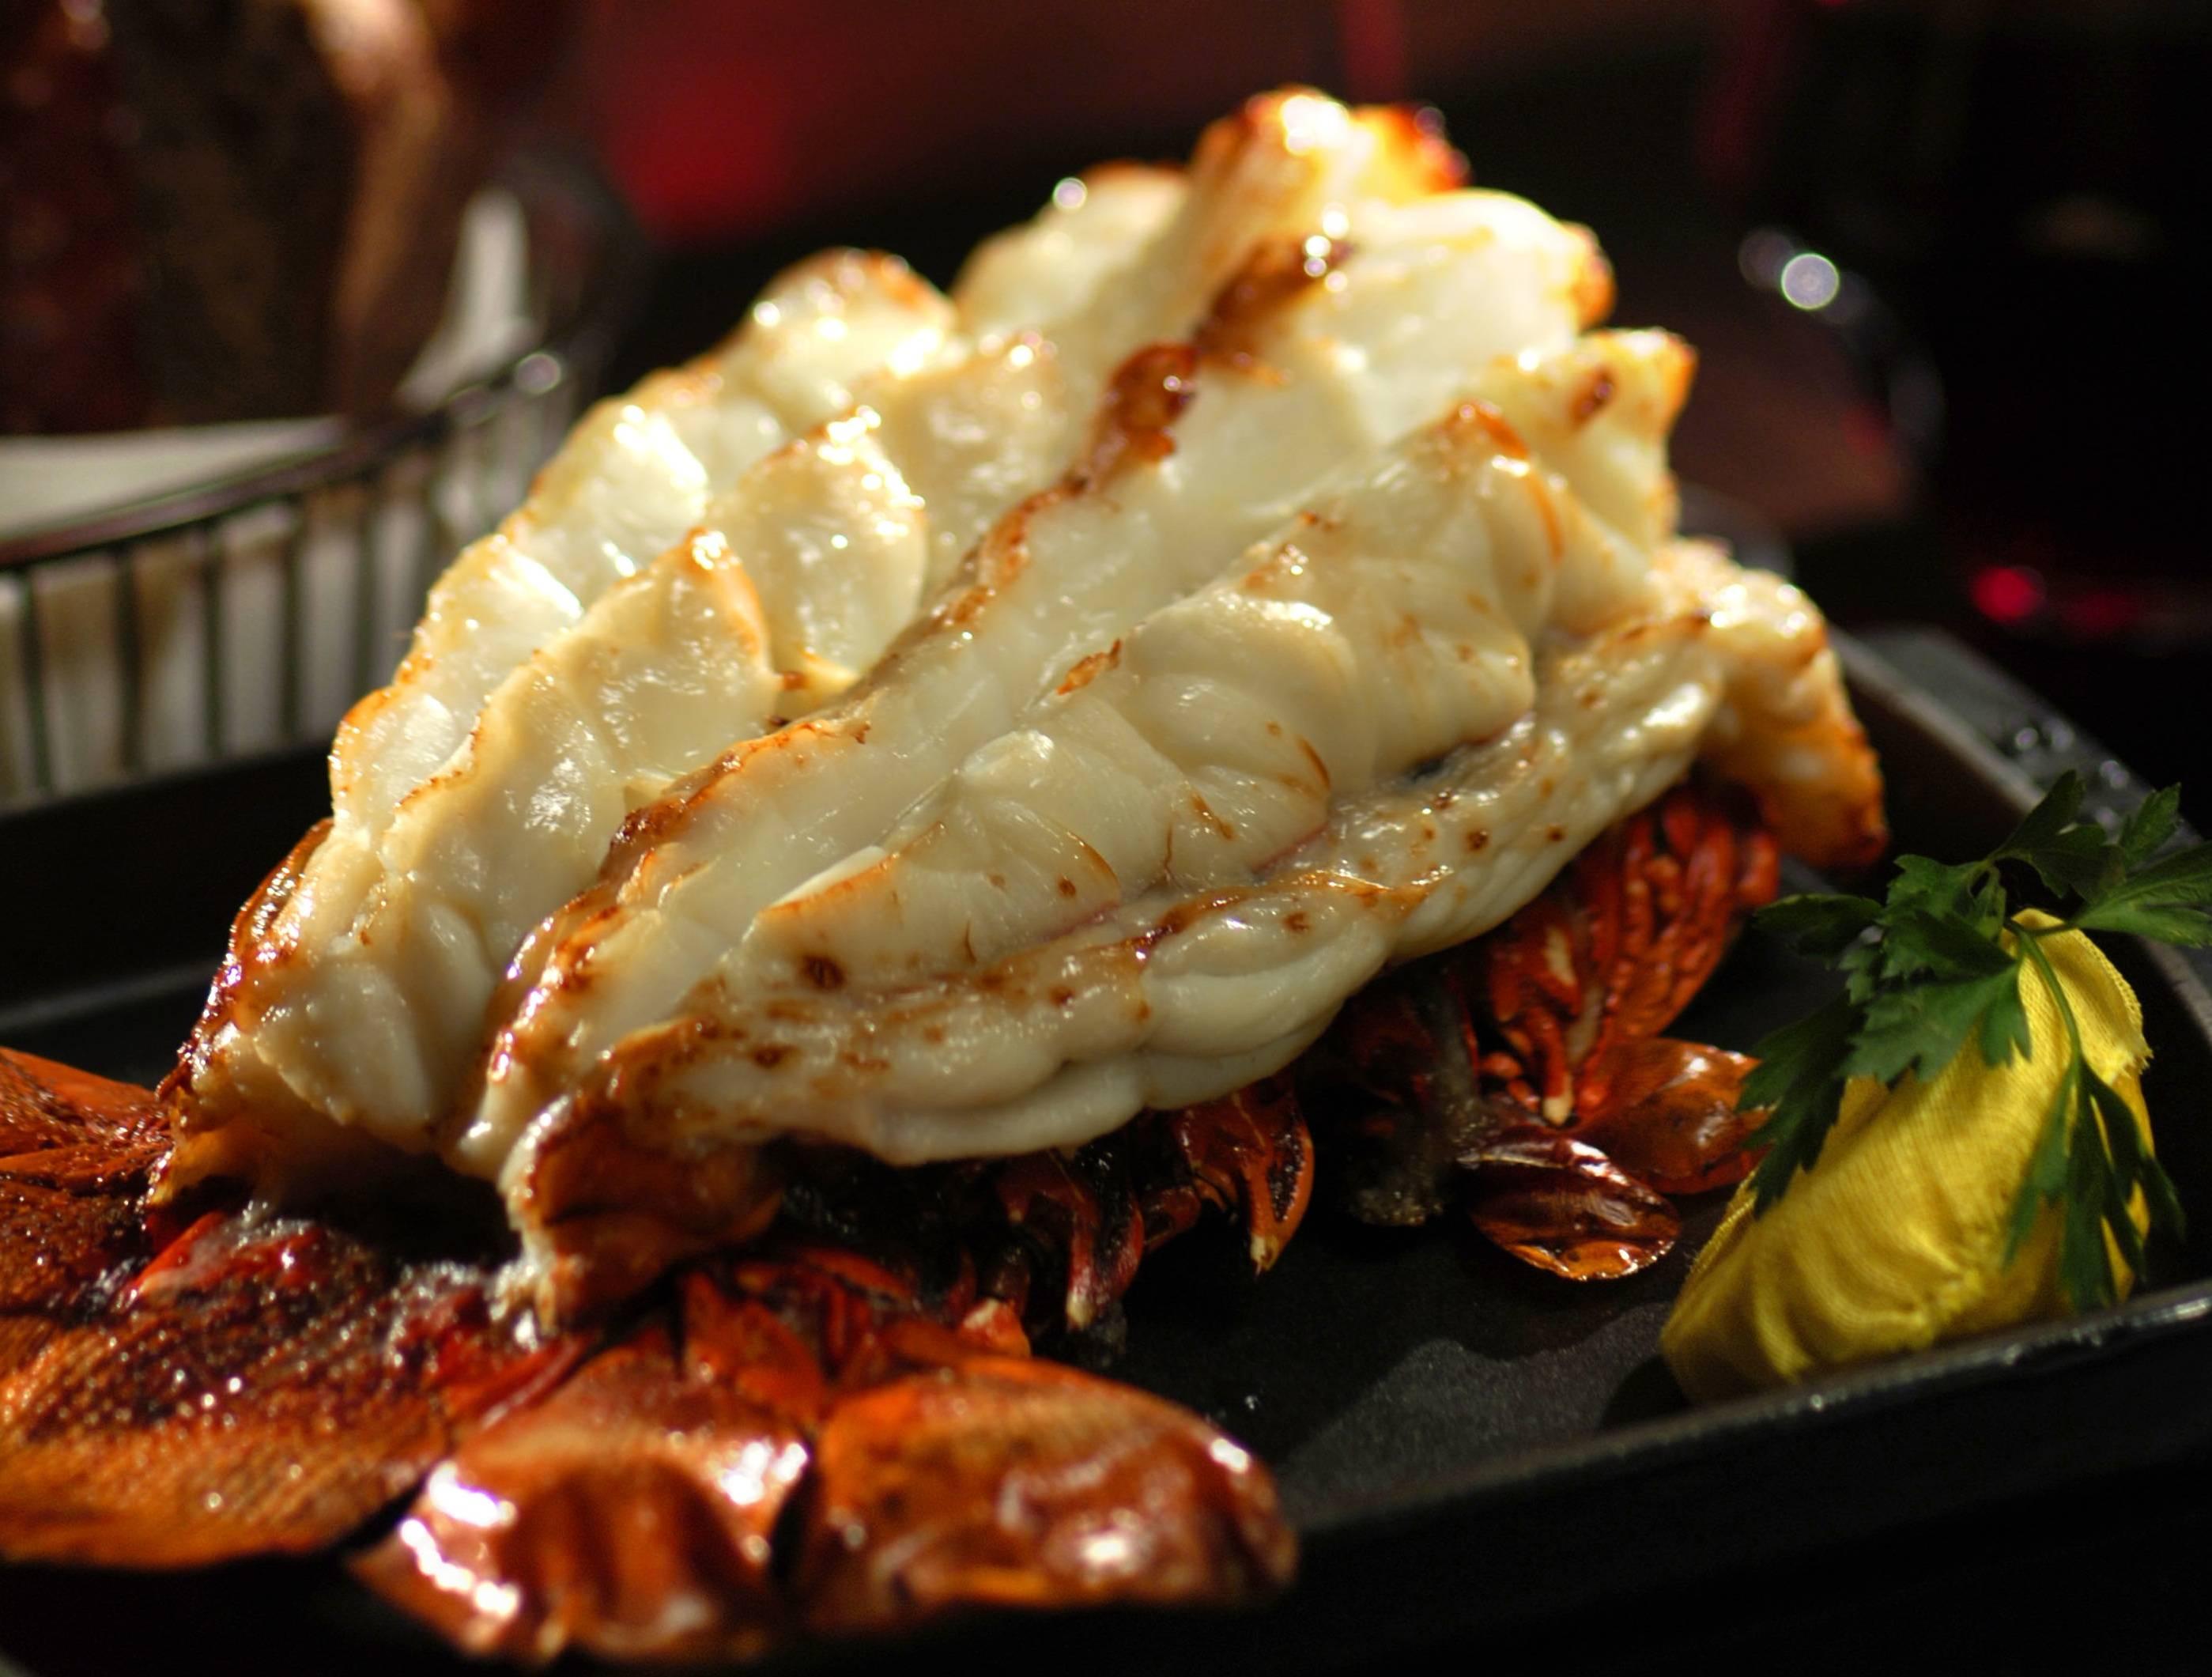 Hanks-Lobster-Dish - Unsay Akong Gikaon Karon? - Anonymous Diary Blog